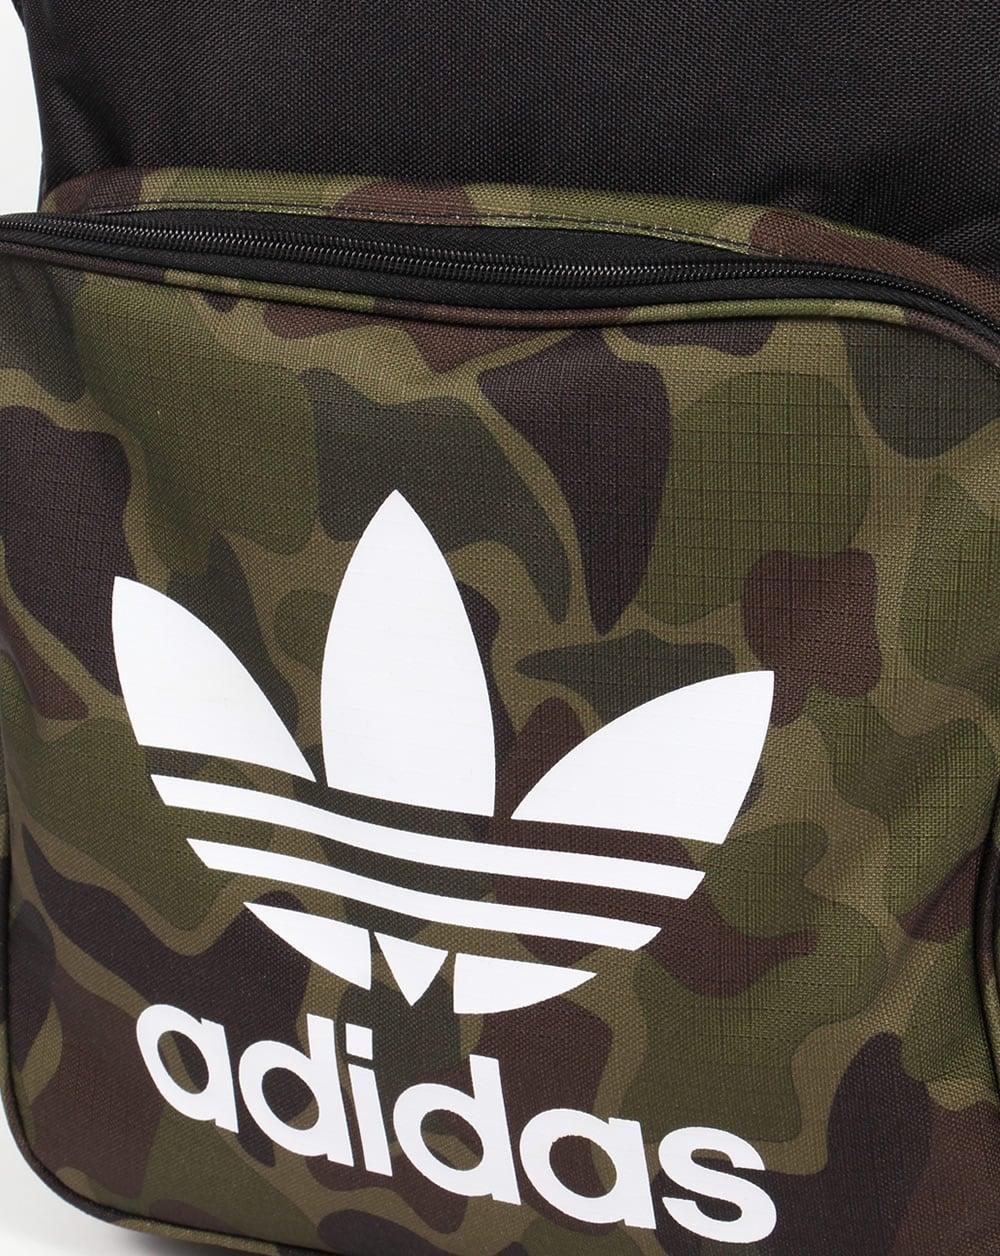 Adidas Originals Classic Camo Backpack Black ee5a266ec0349